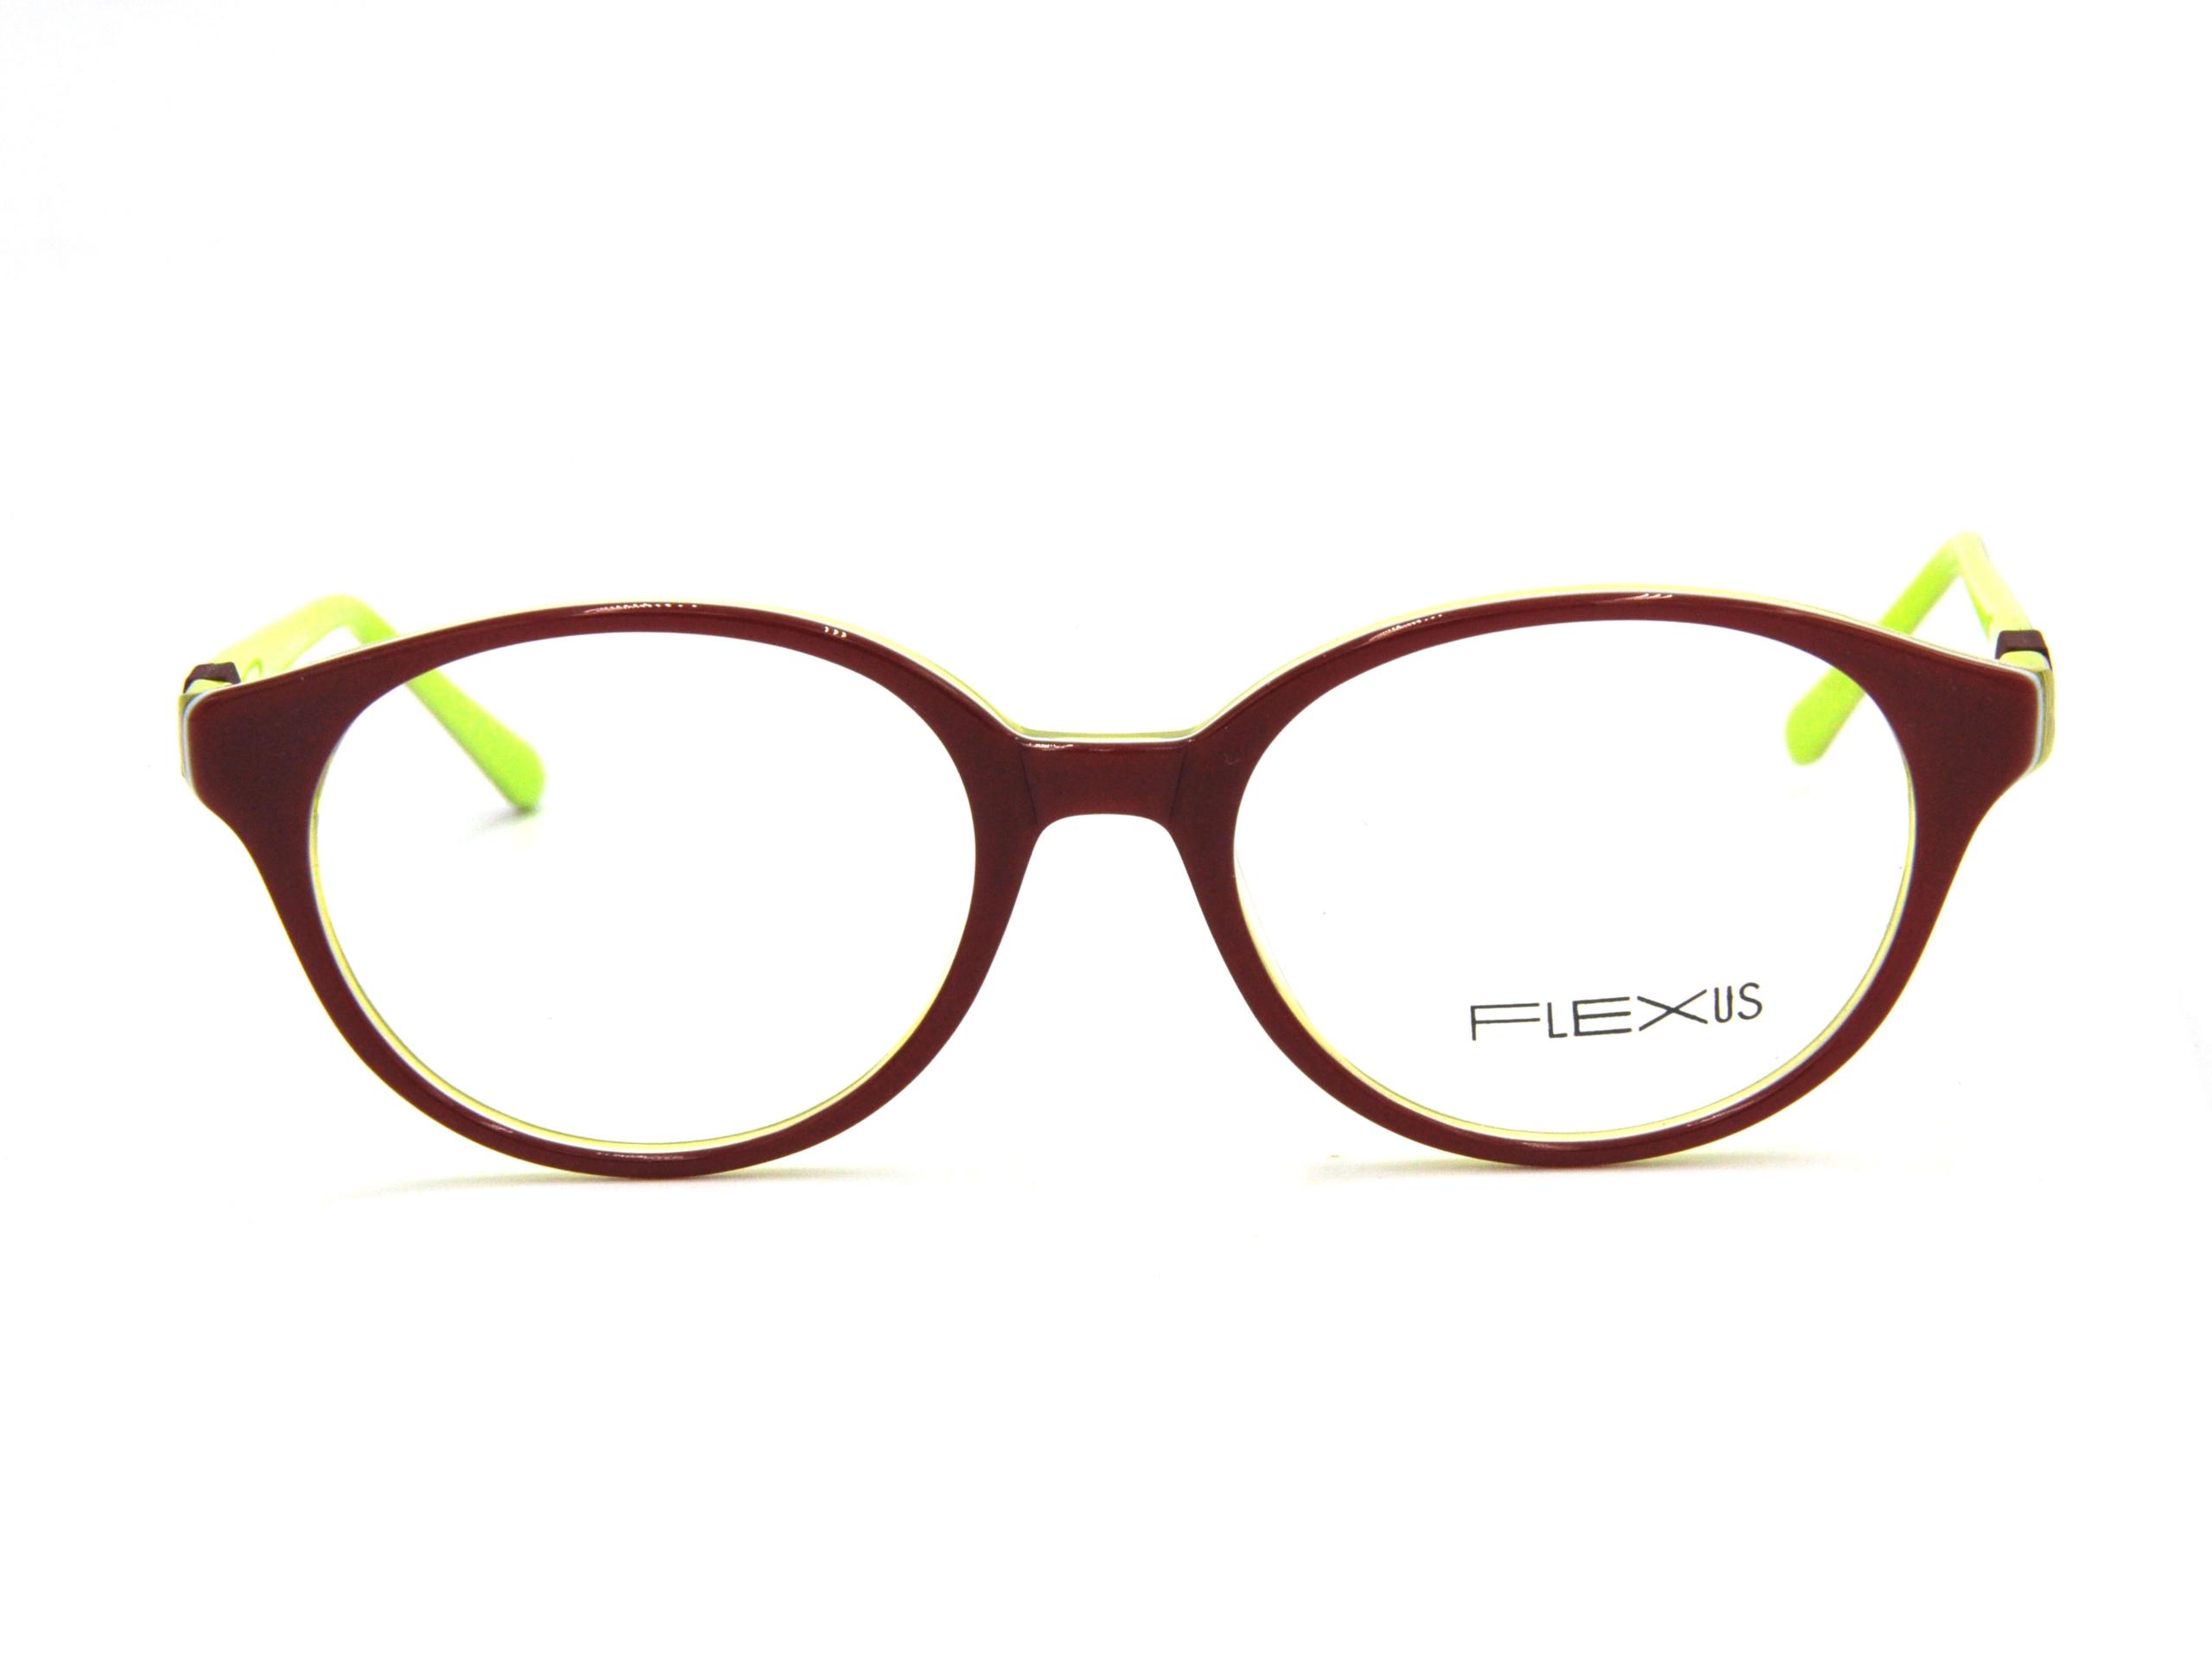 Γυαλιά οράσεως FLEXUS FTV007-341 47-17-135 Πειραιάς